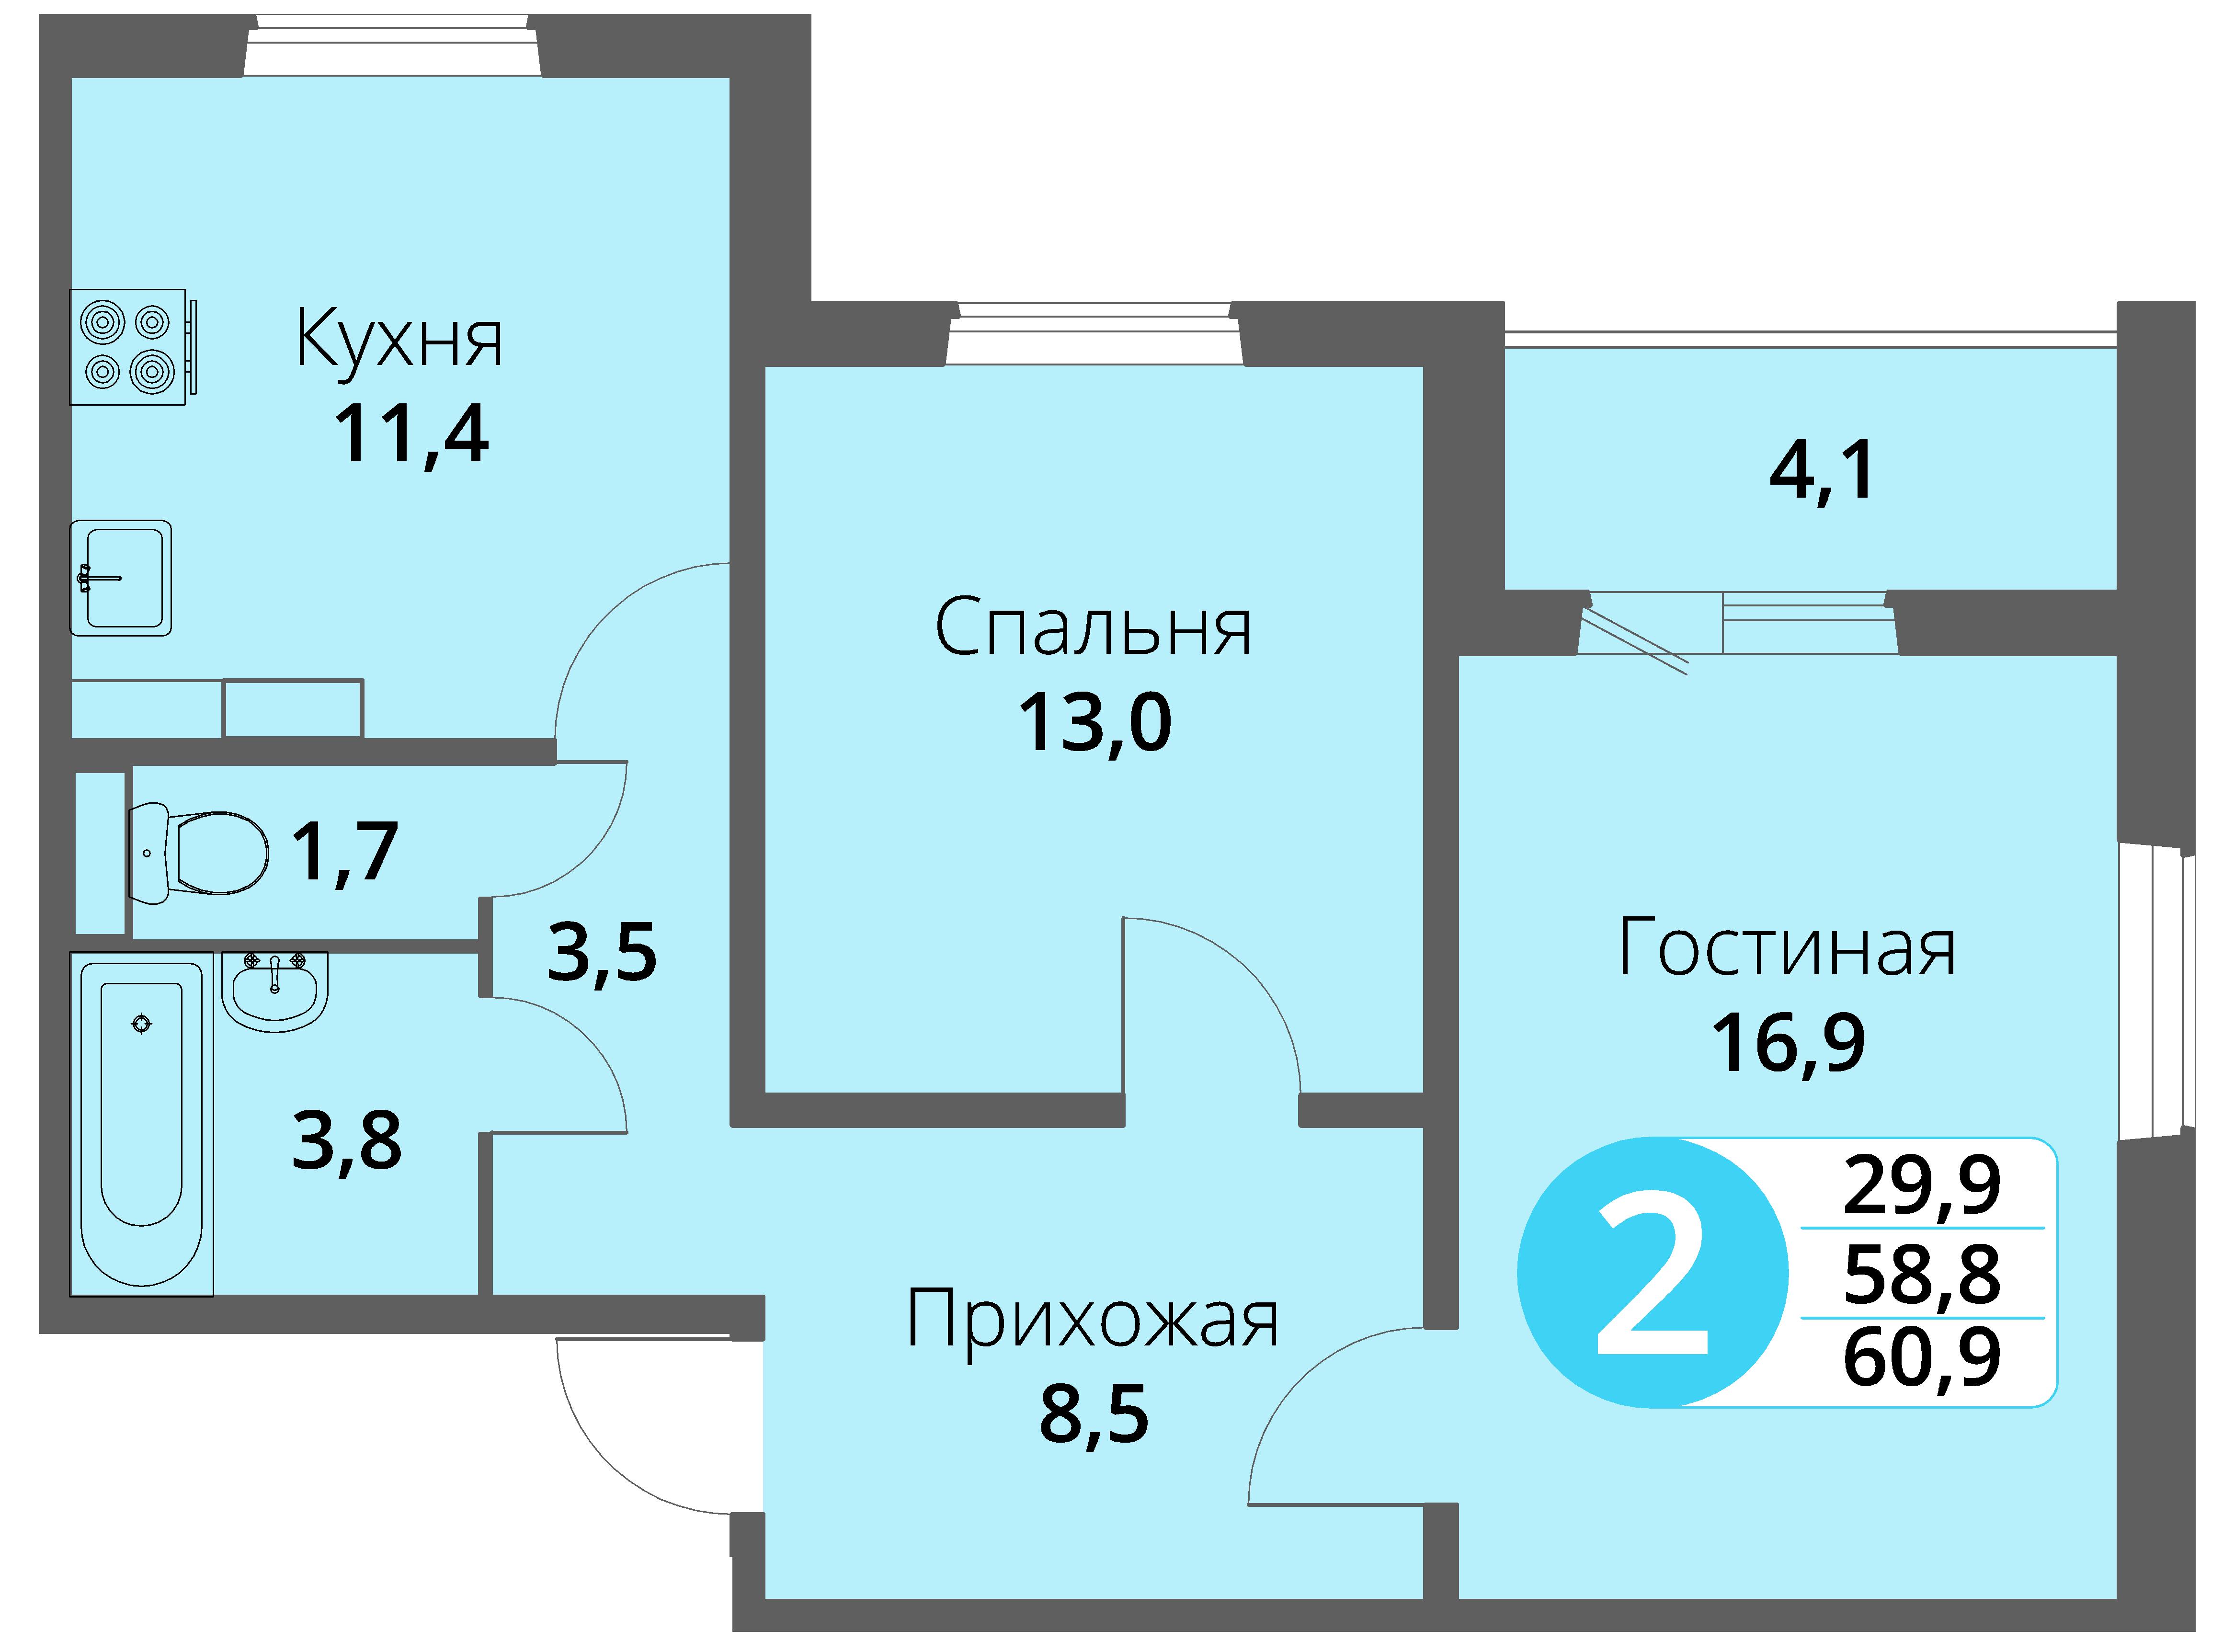 Зареченская 1-2, квартира 41 - Двухкомнатная